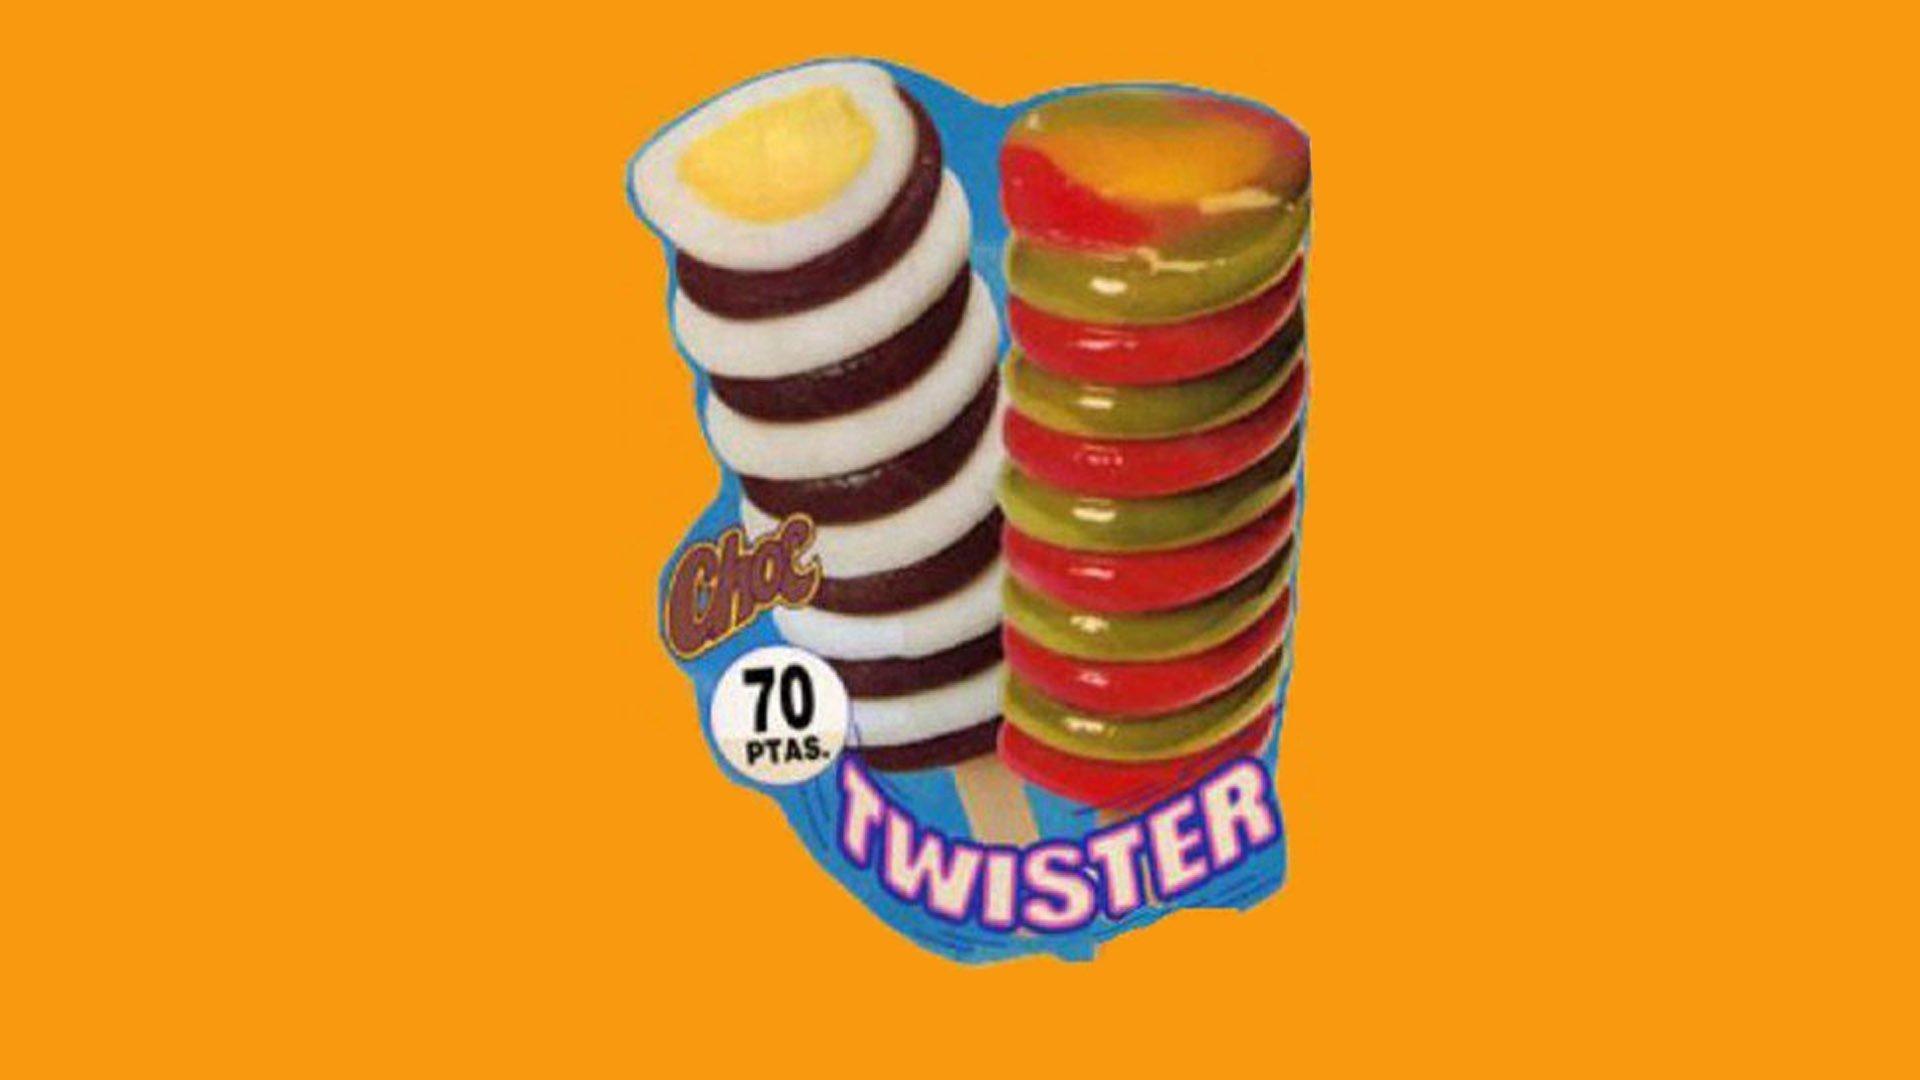 Il Twister era un ghiacciolo cremoso di fiordilatte e cioccolato